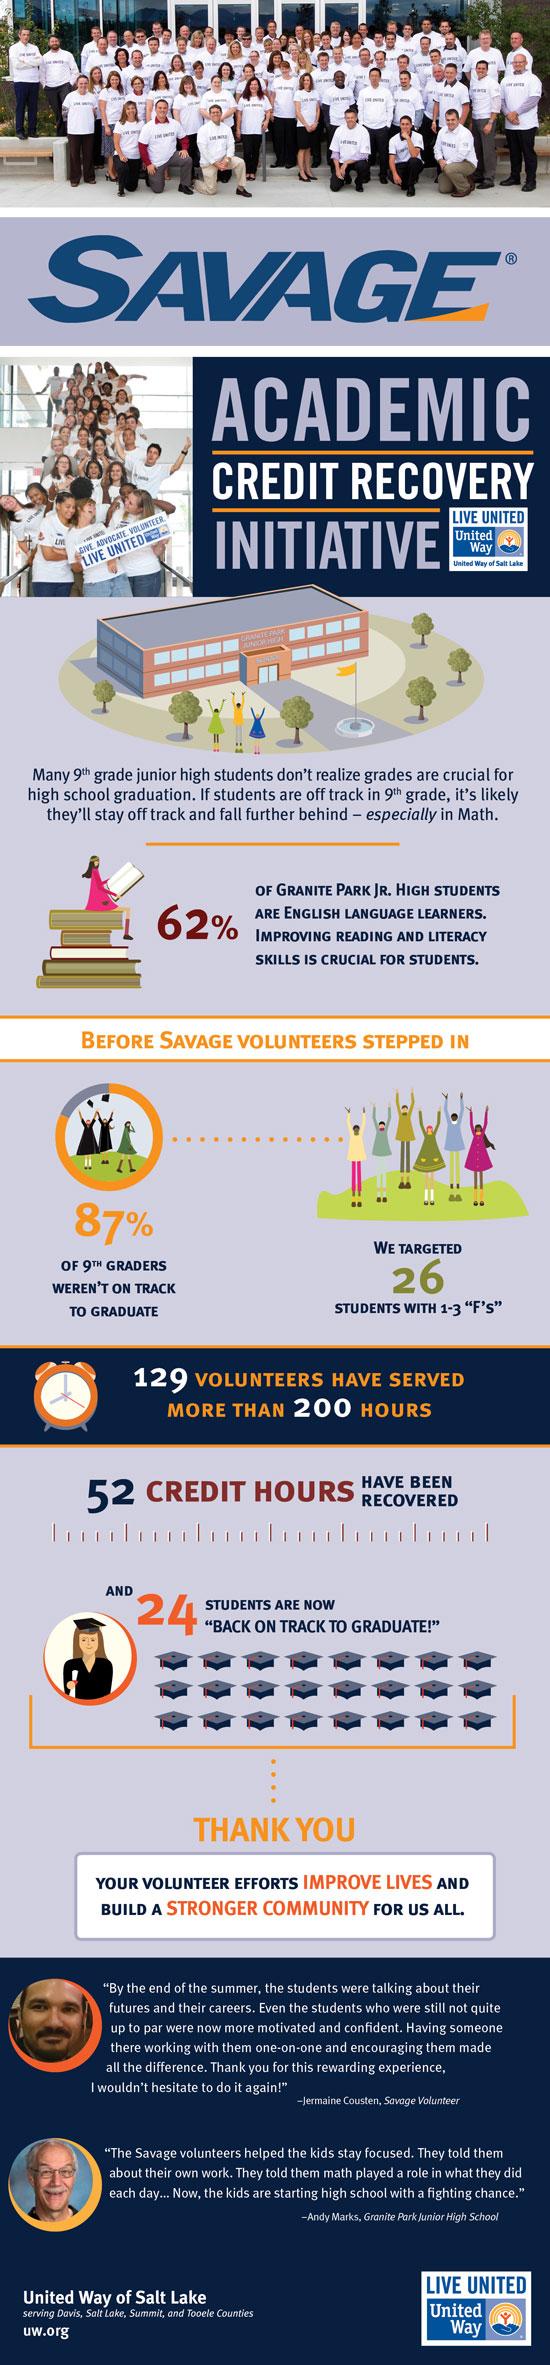 SAVAGE-infographic-AUG2014_vf